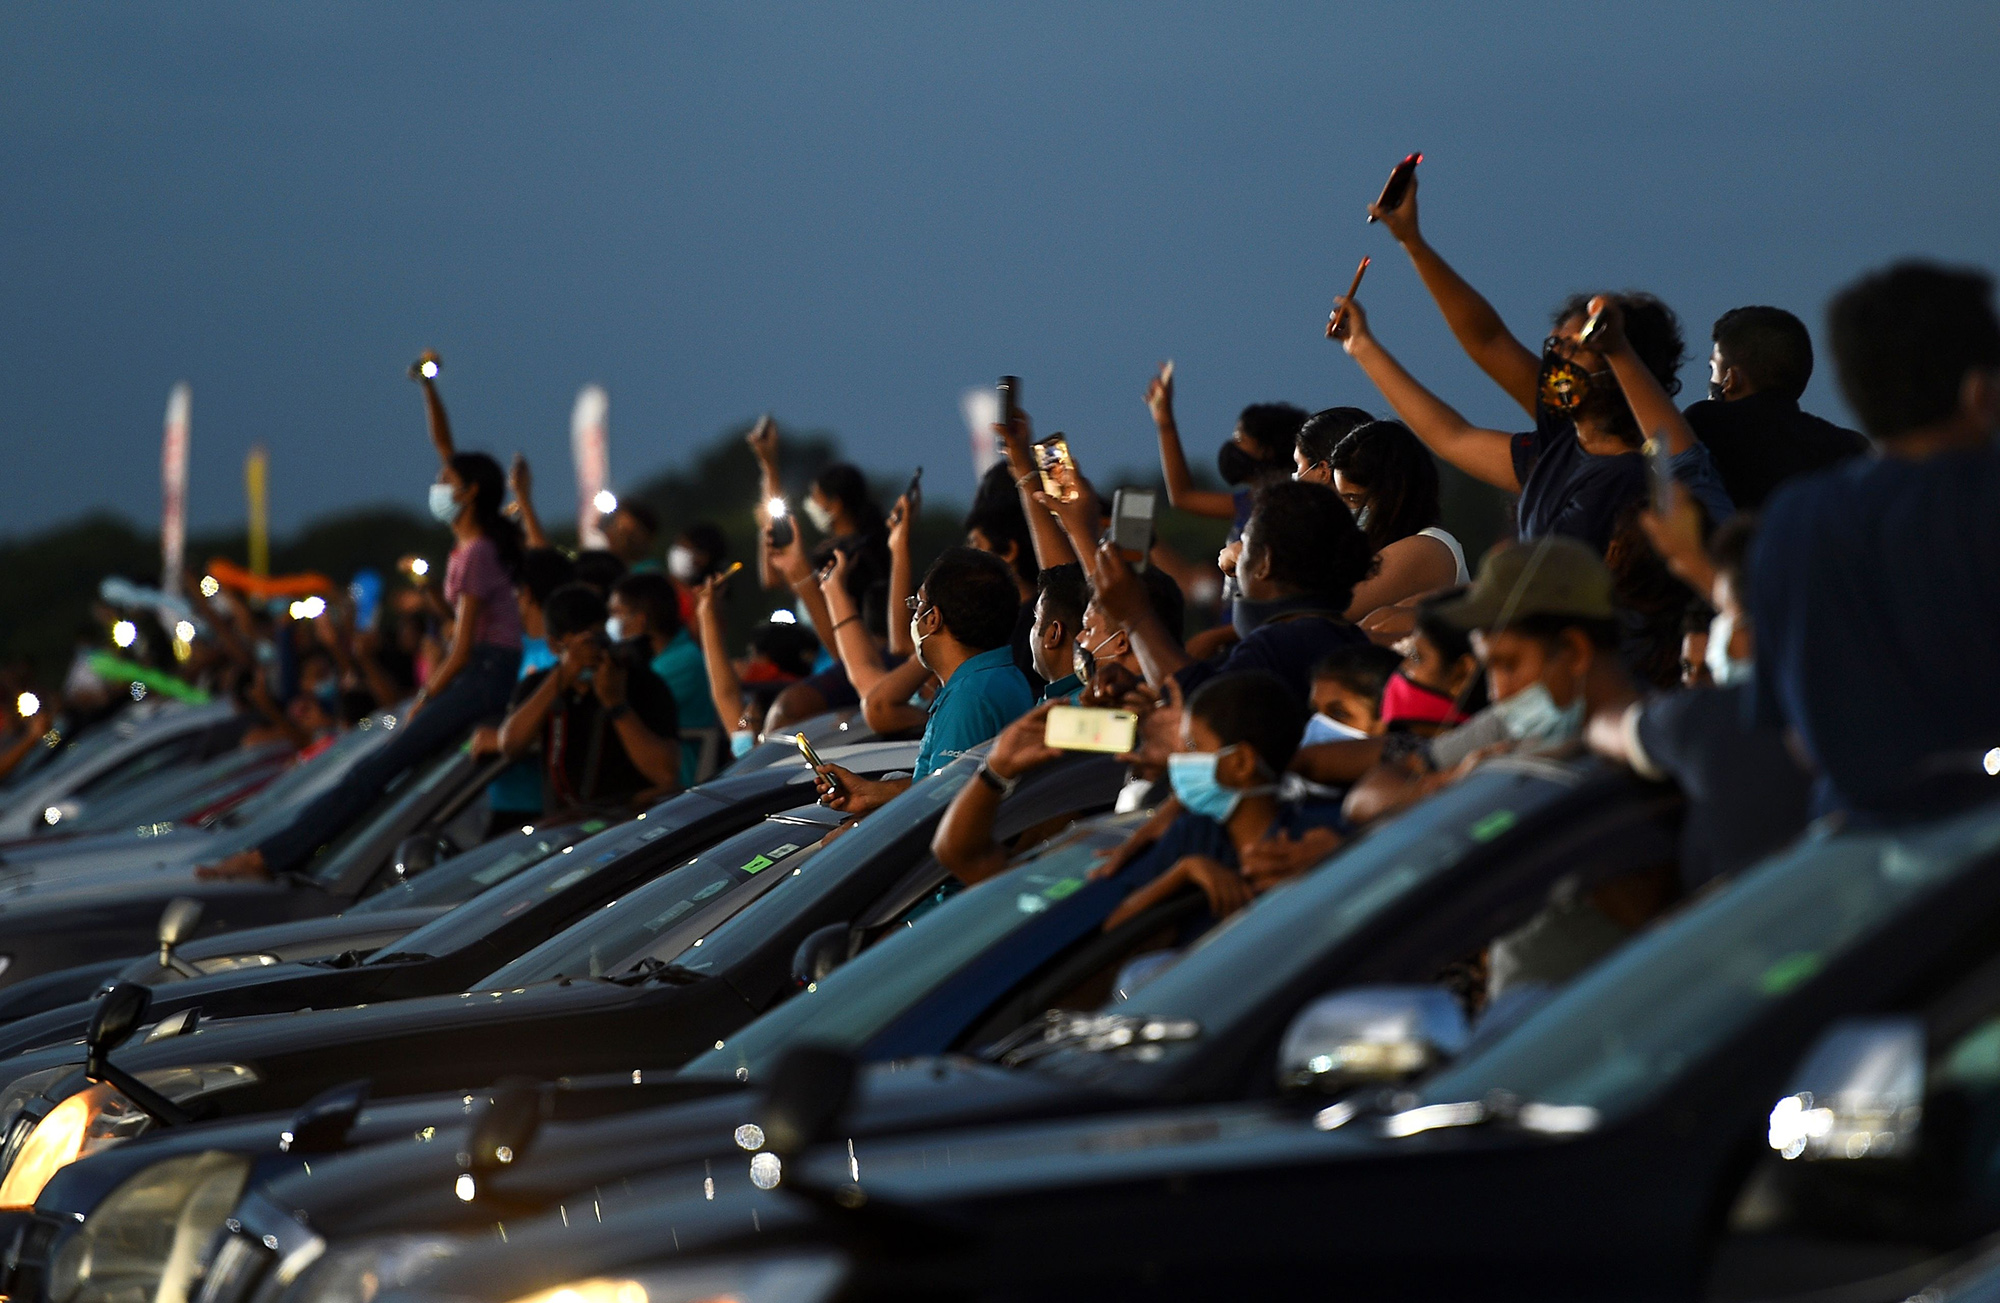 Концерт вКоломбо, Шри-Ланка, вусловиях пандемической реальности.